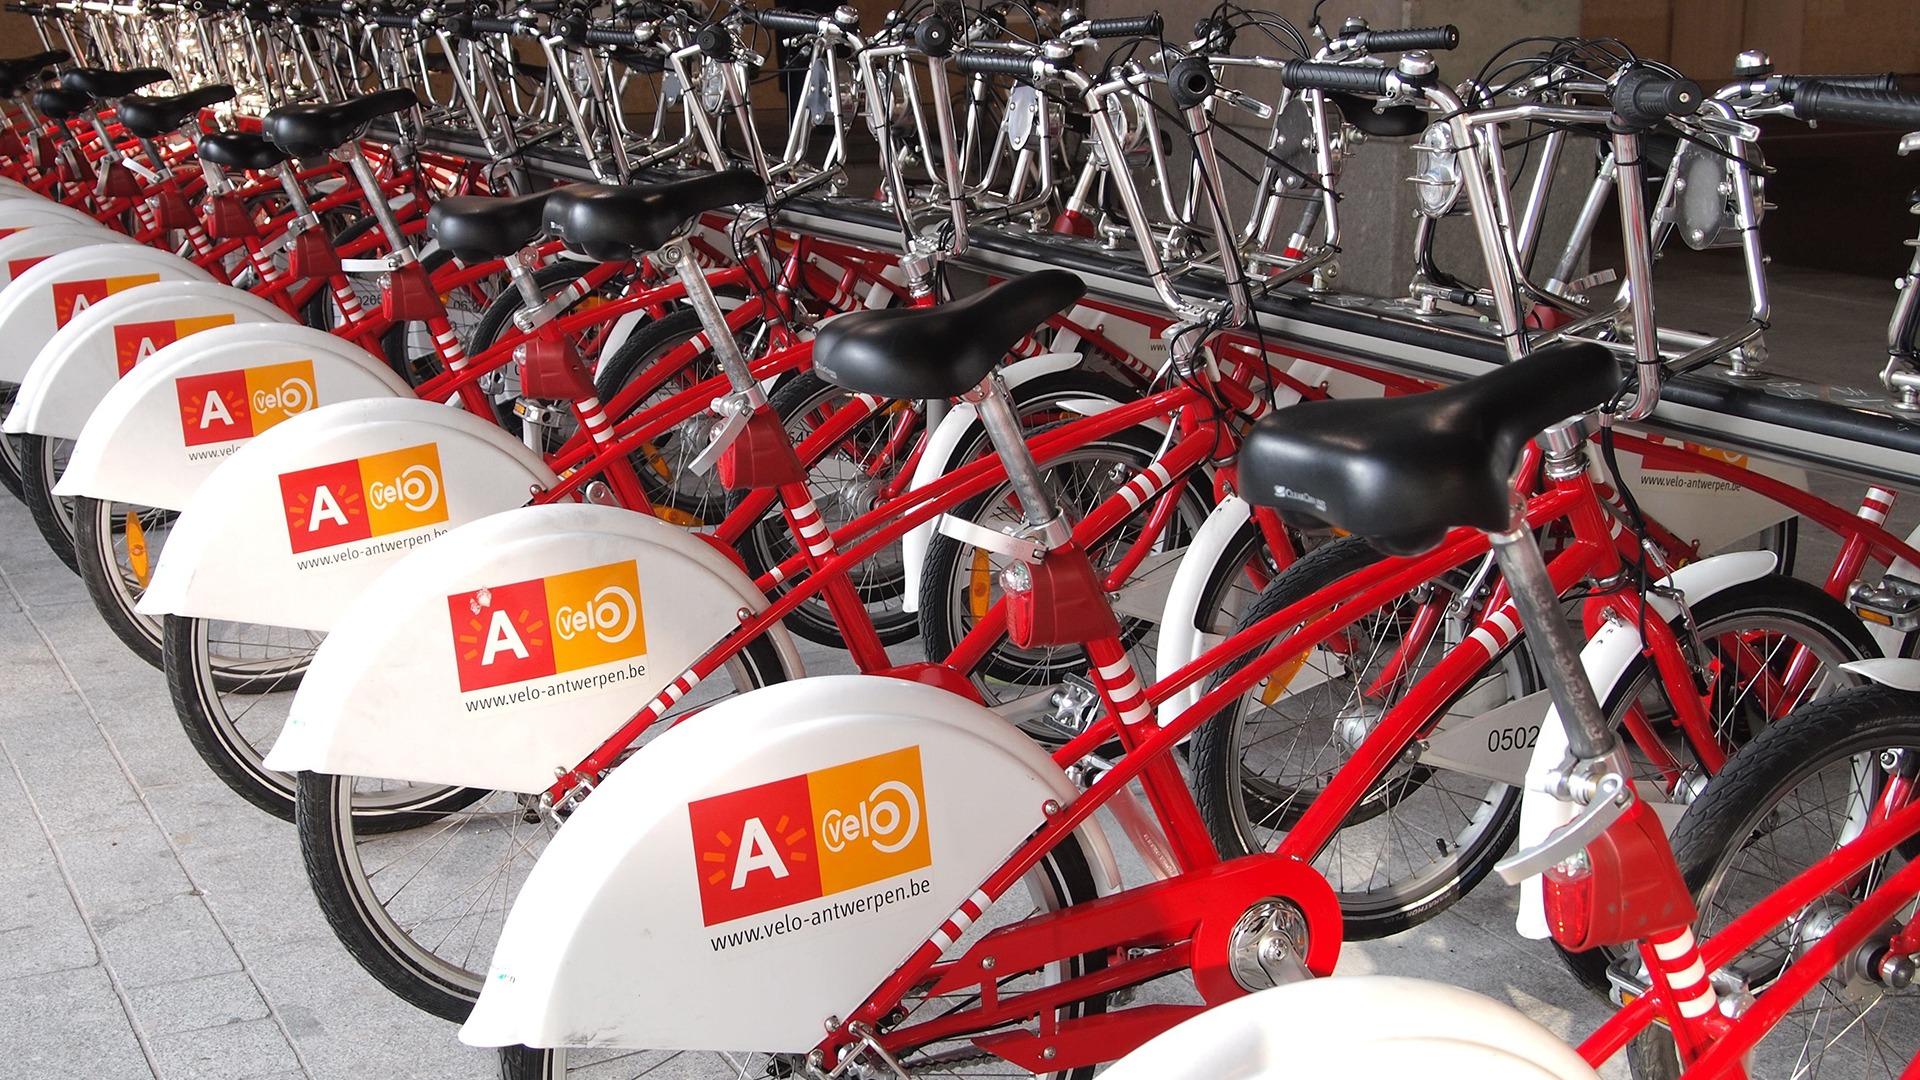 Vervoer op maat in Vlaanderen